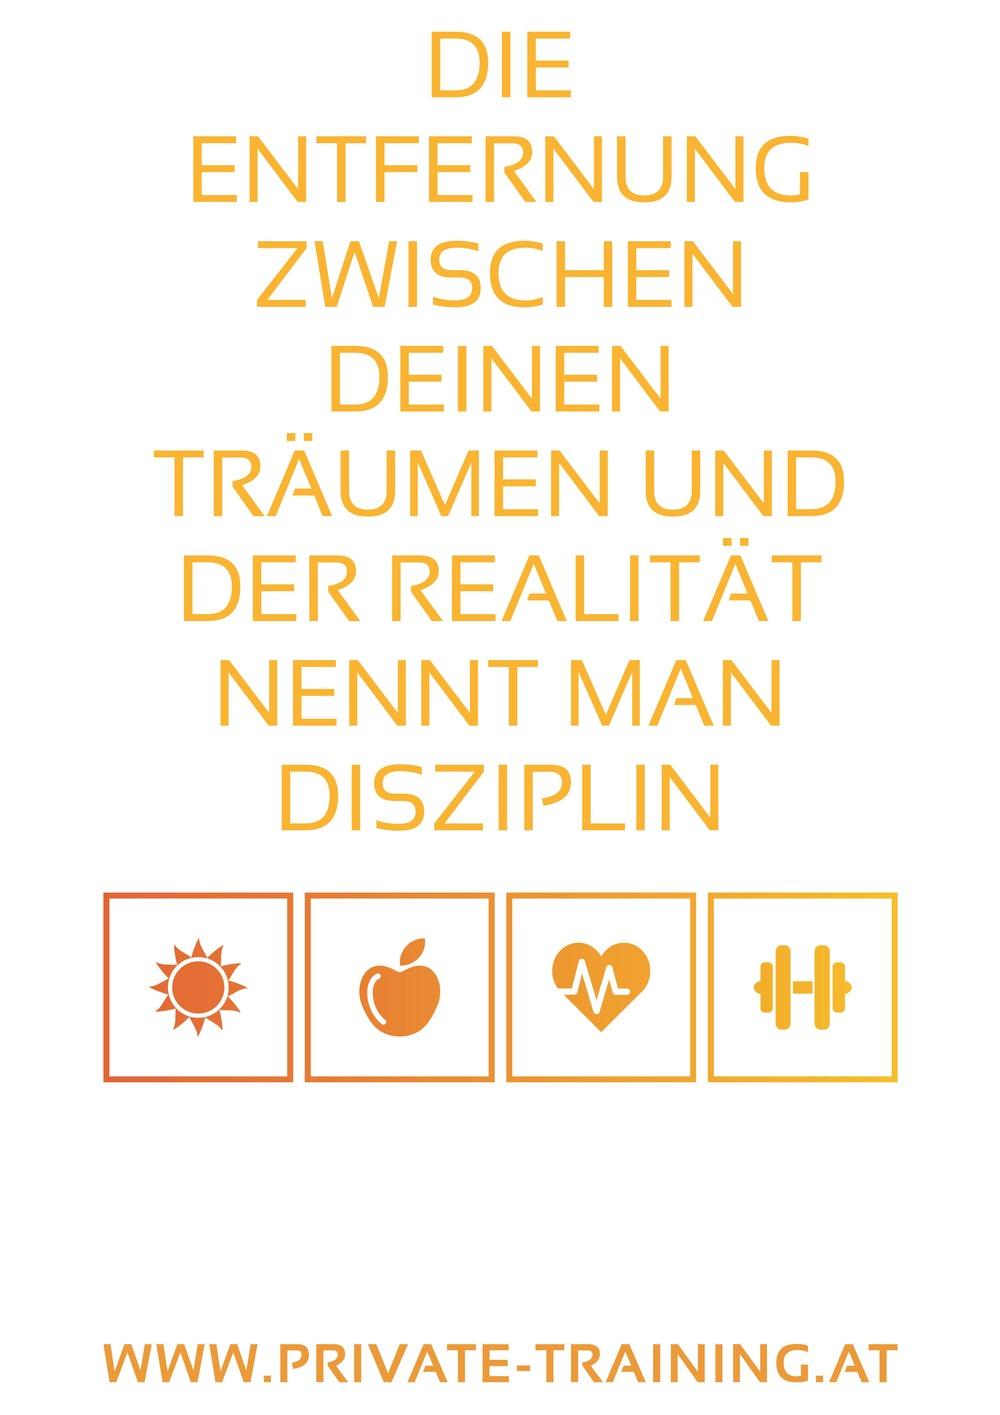 Die_Entfernung_zwischen_deinen_Träumen_und_der_Realität_nennt_man_Disziplin